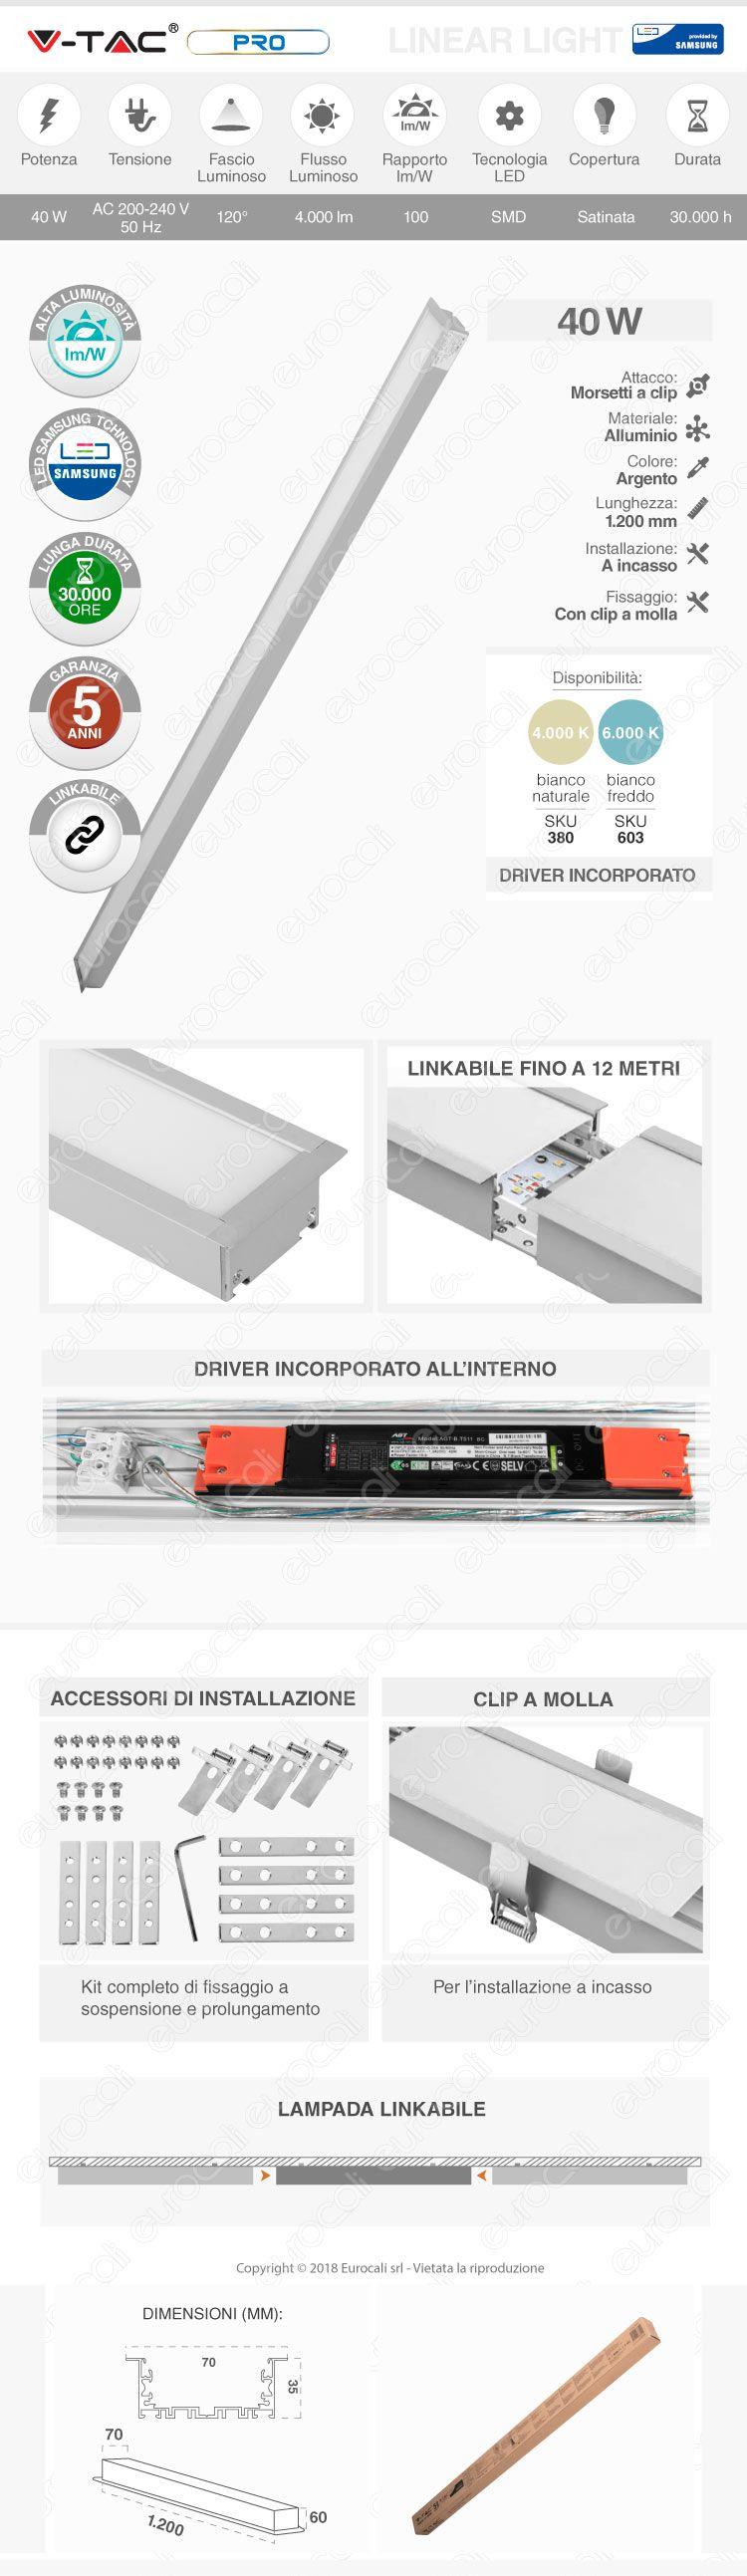 V-Tac PRO VT-7-41 Lampada LED a Incasso Linear Light 40W Chip Samsung Silver Body